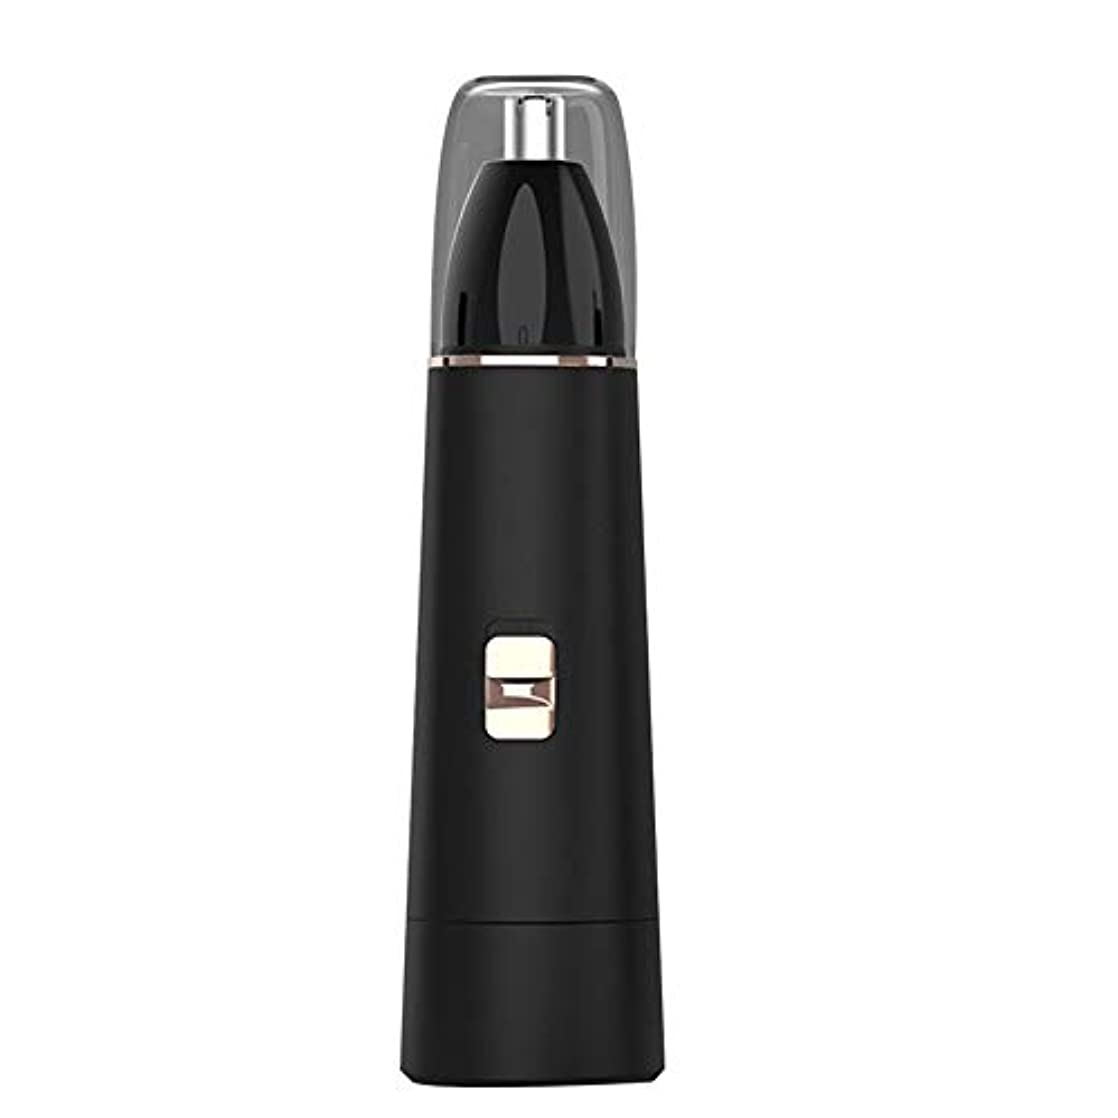 サンドイッチ検証サーカス鼻毛カッター はなげカッター 携帯用電気鼻毛を充電する電子鼻耳毛トリマー男性女性無痛トリミングのUSB (Color : Black, Size : USB)